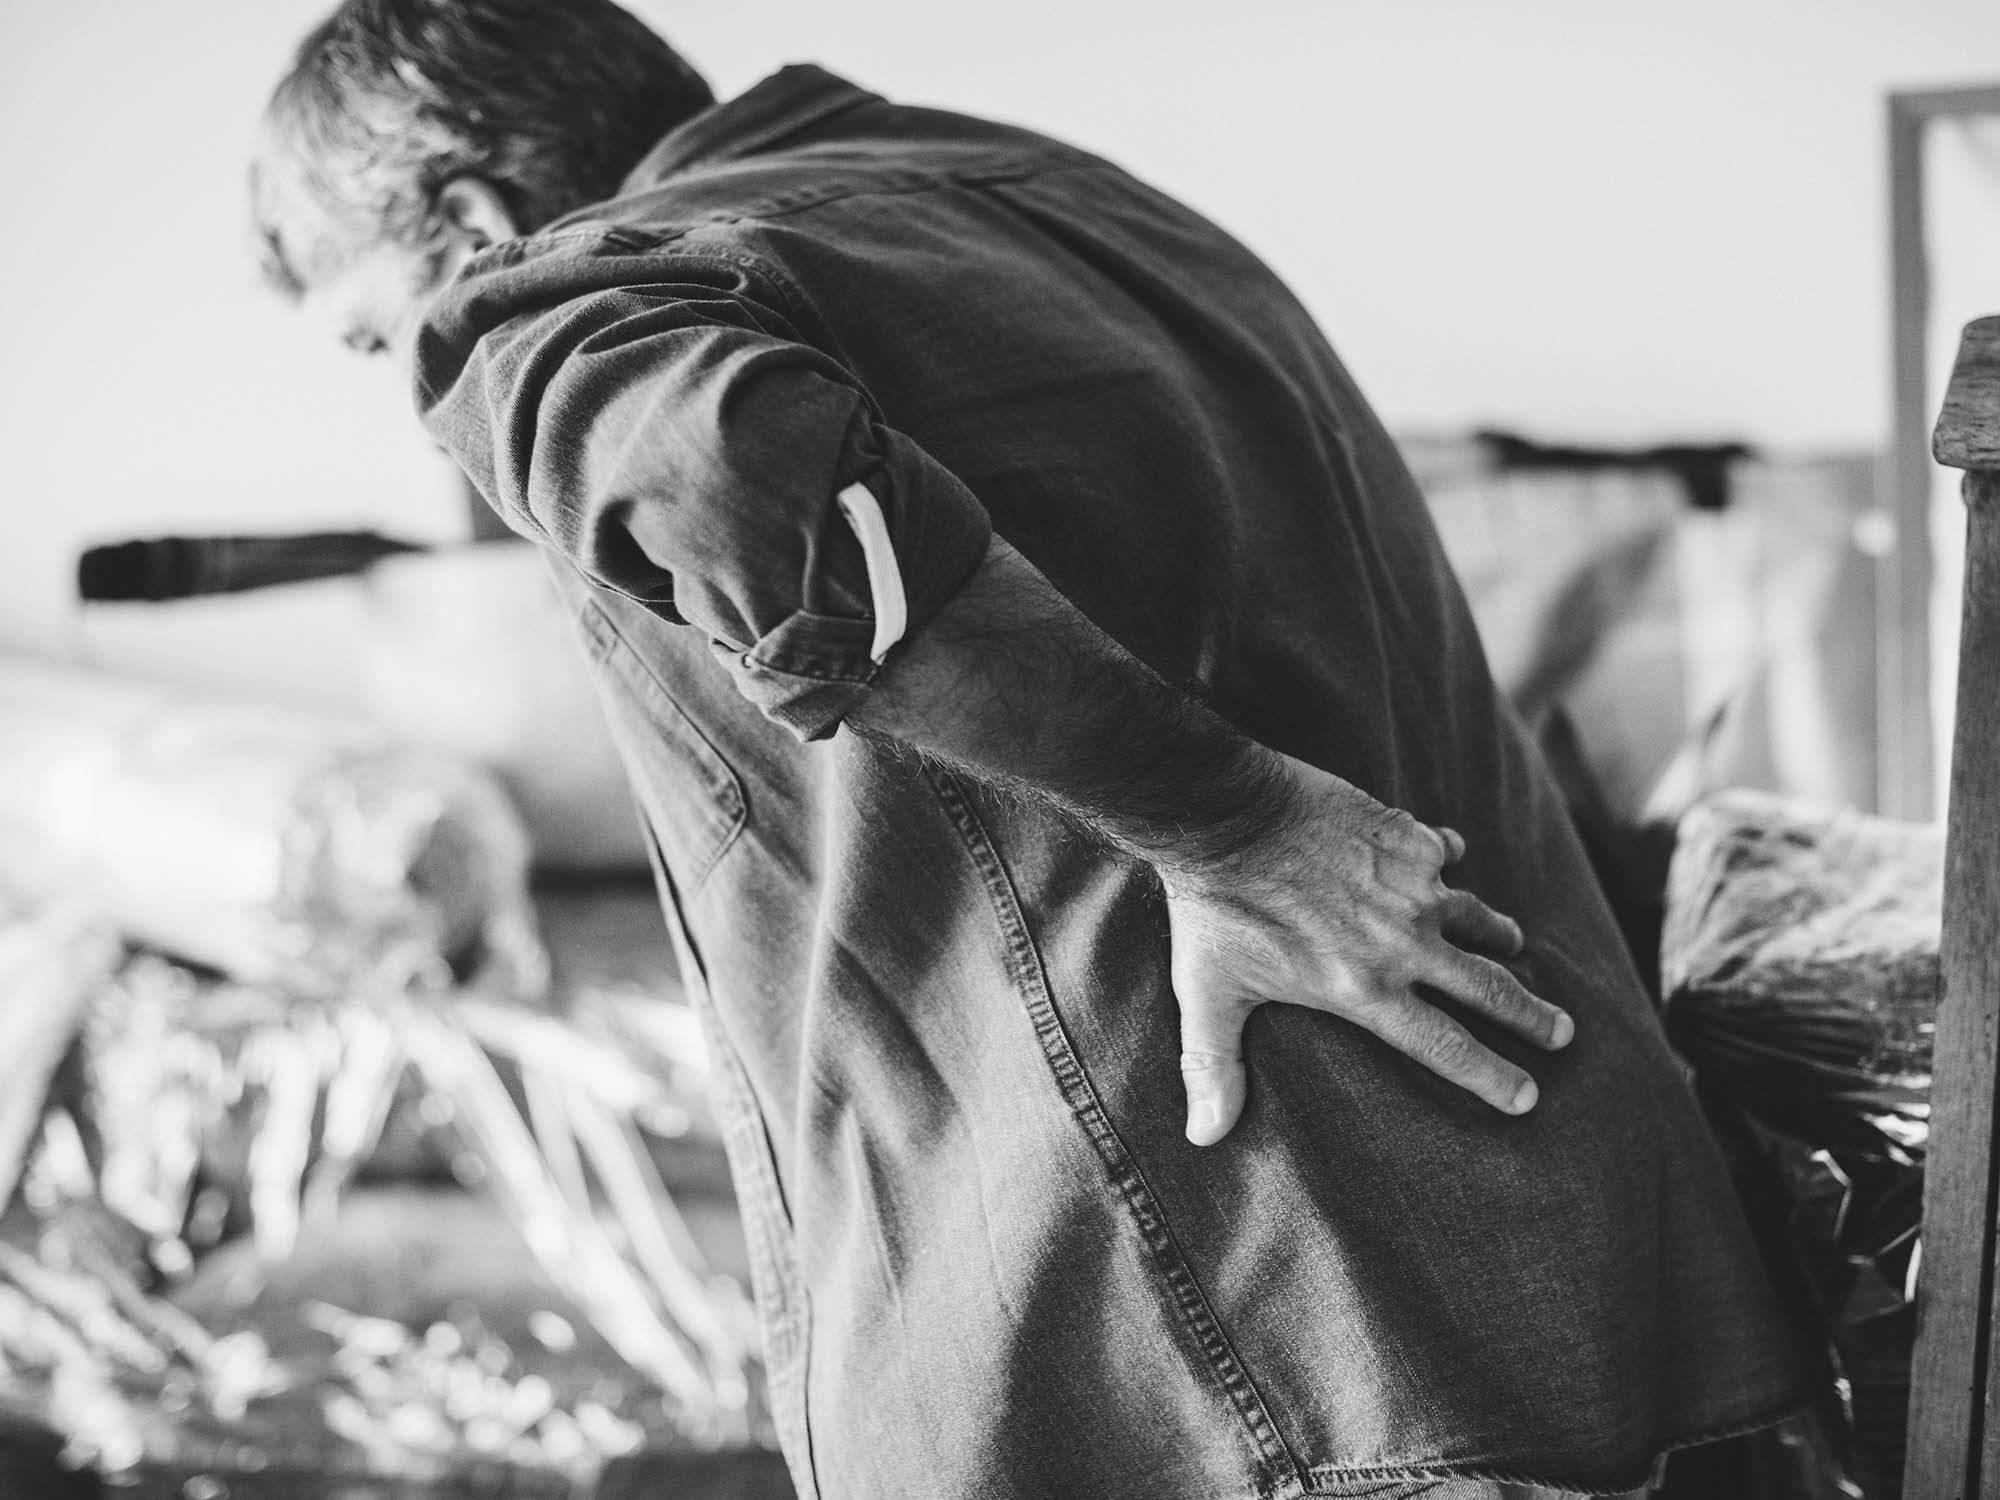 Terapia regenerativa para el tratamiento del dolor lumbar crónico